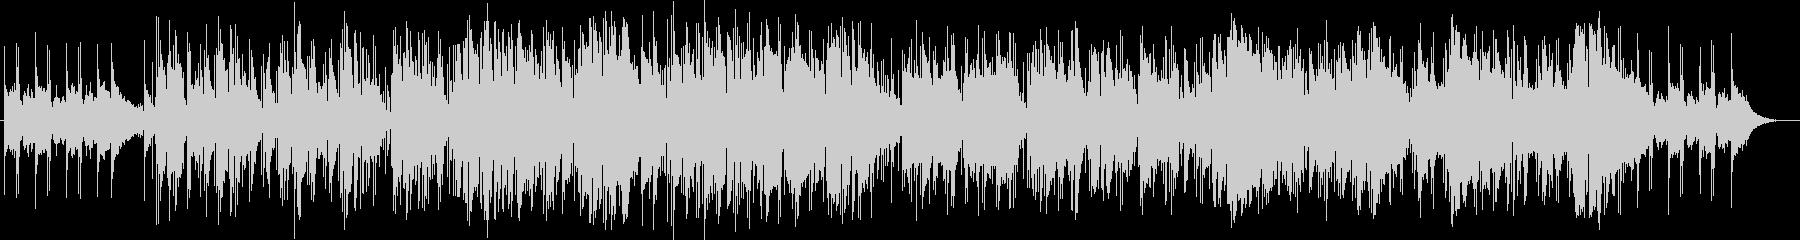 ハーモニカの音色が大人っぽいインスト曲の未再生の波形